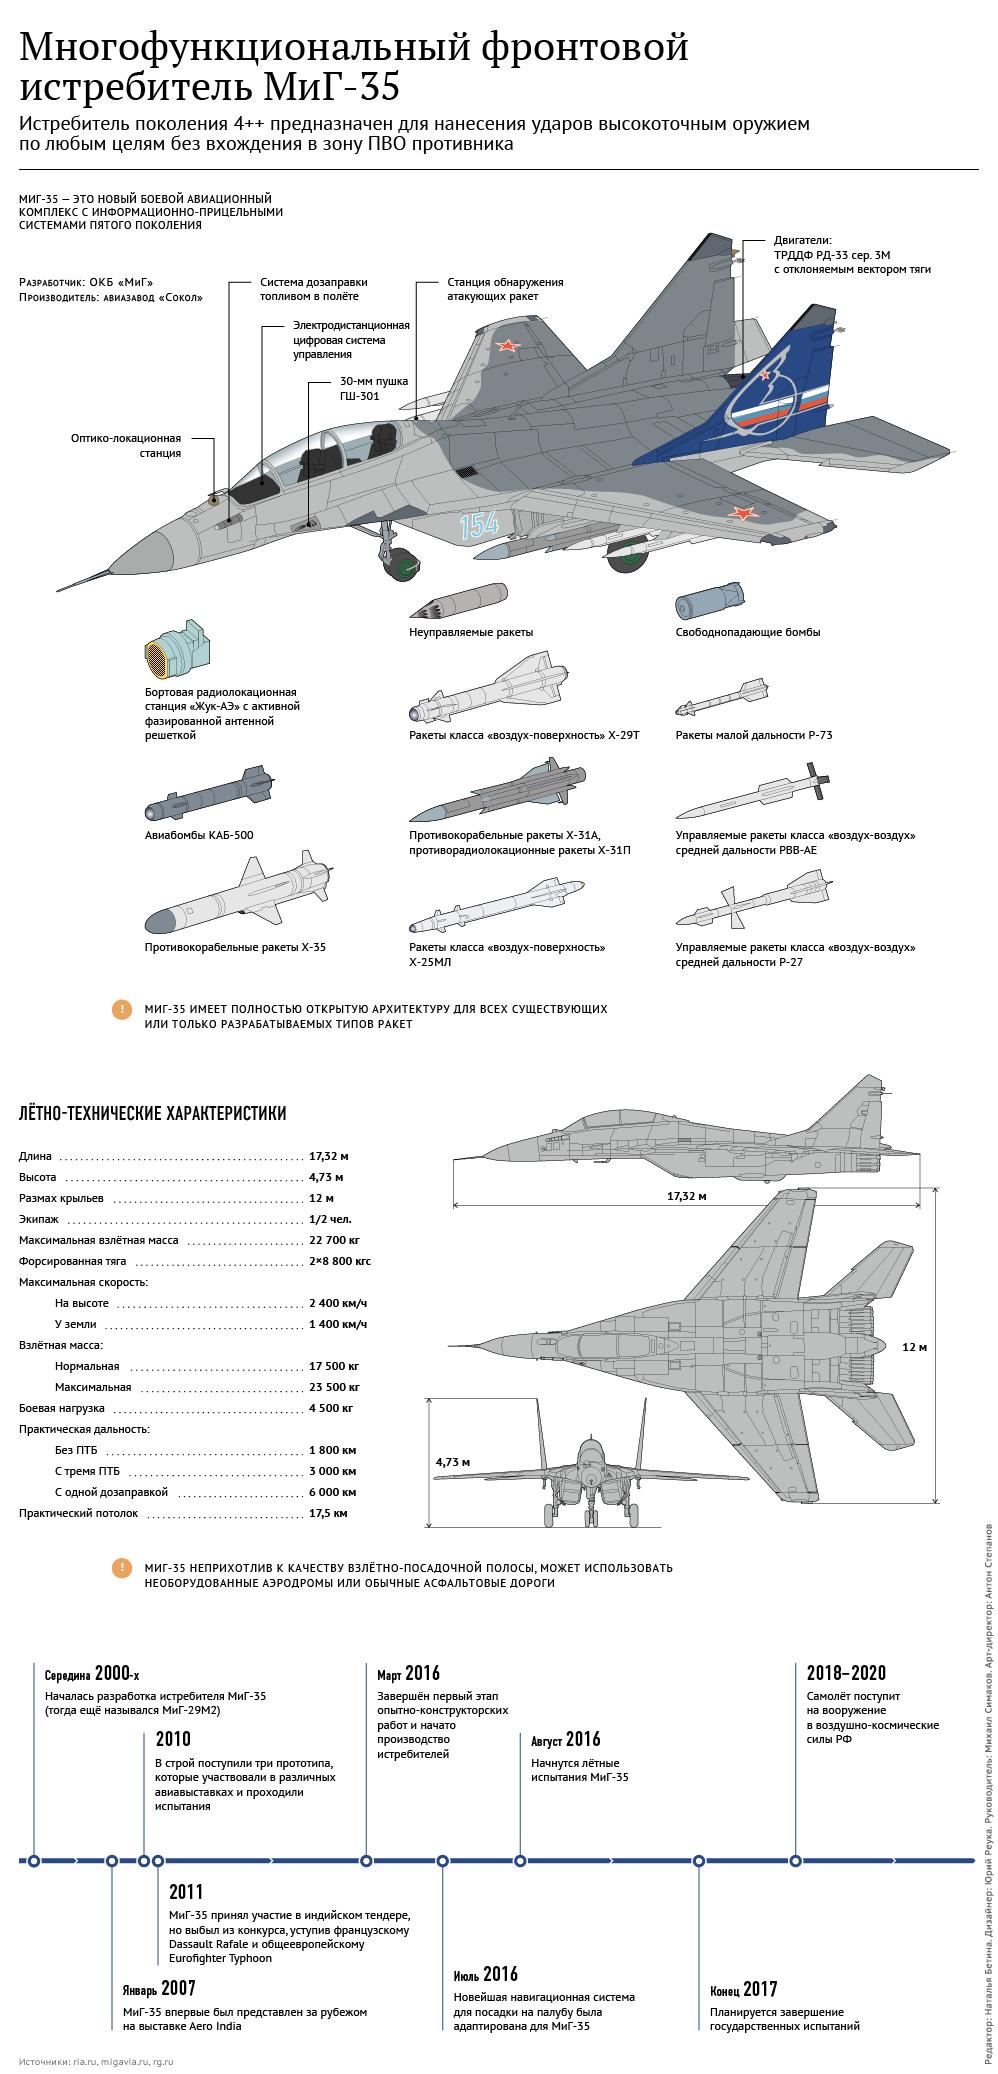 Многофункциональный истребитель МиГ-35.